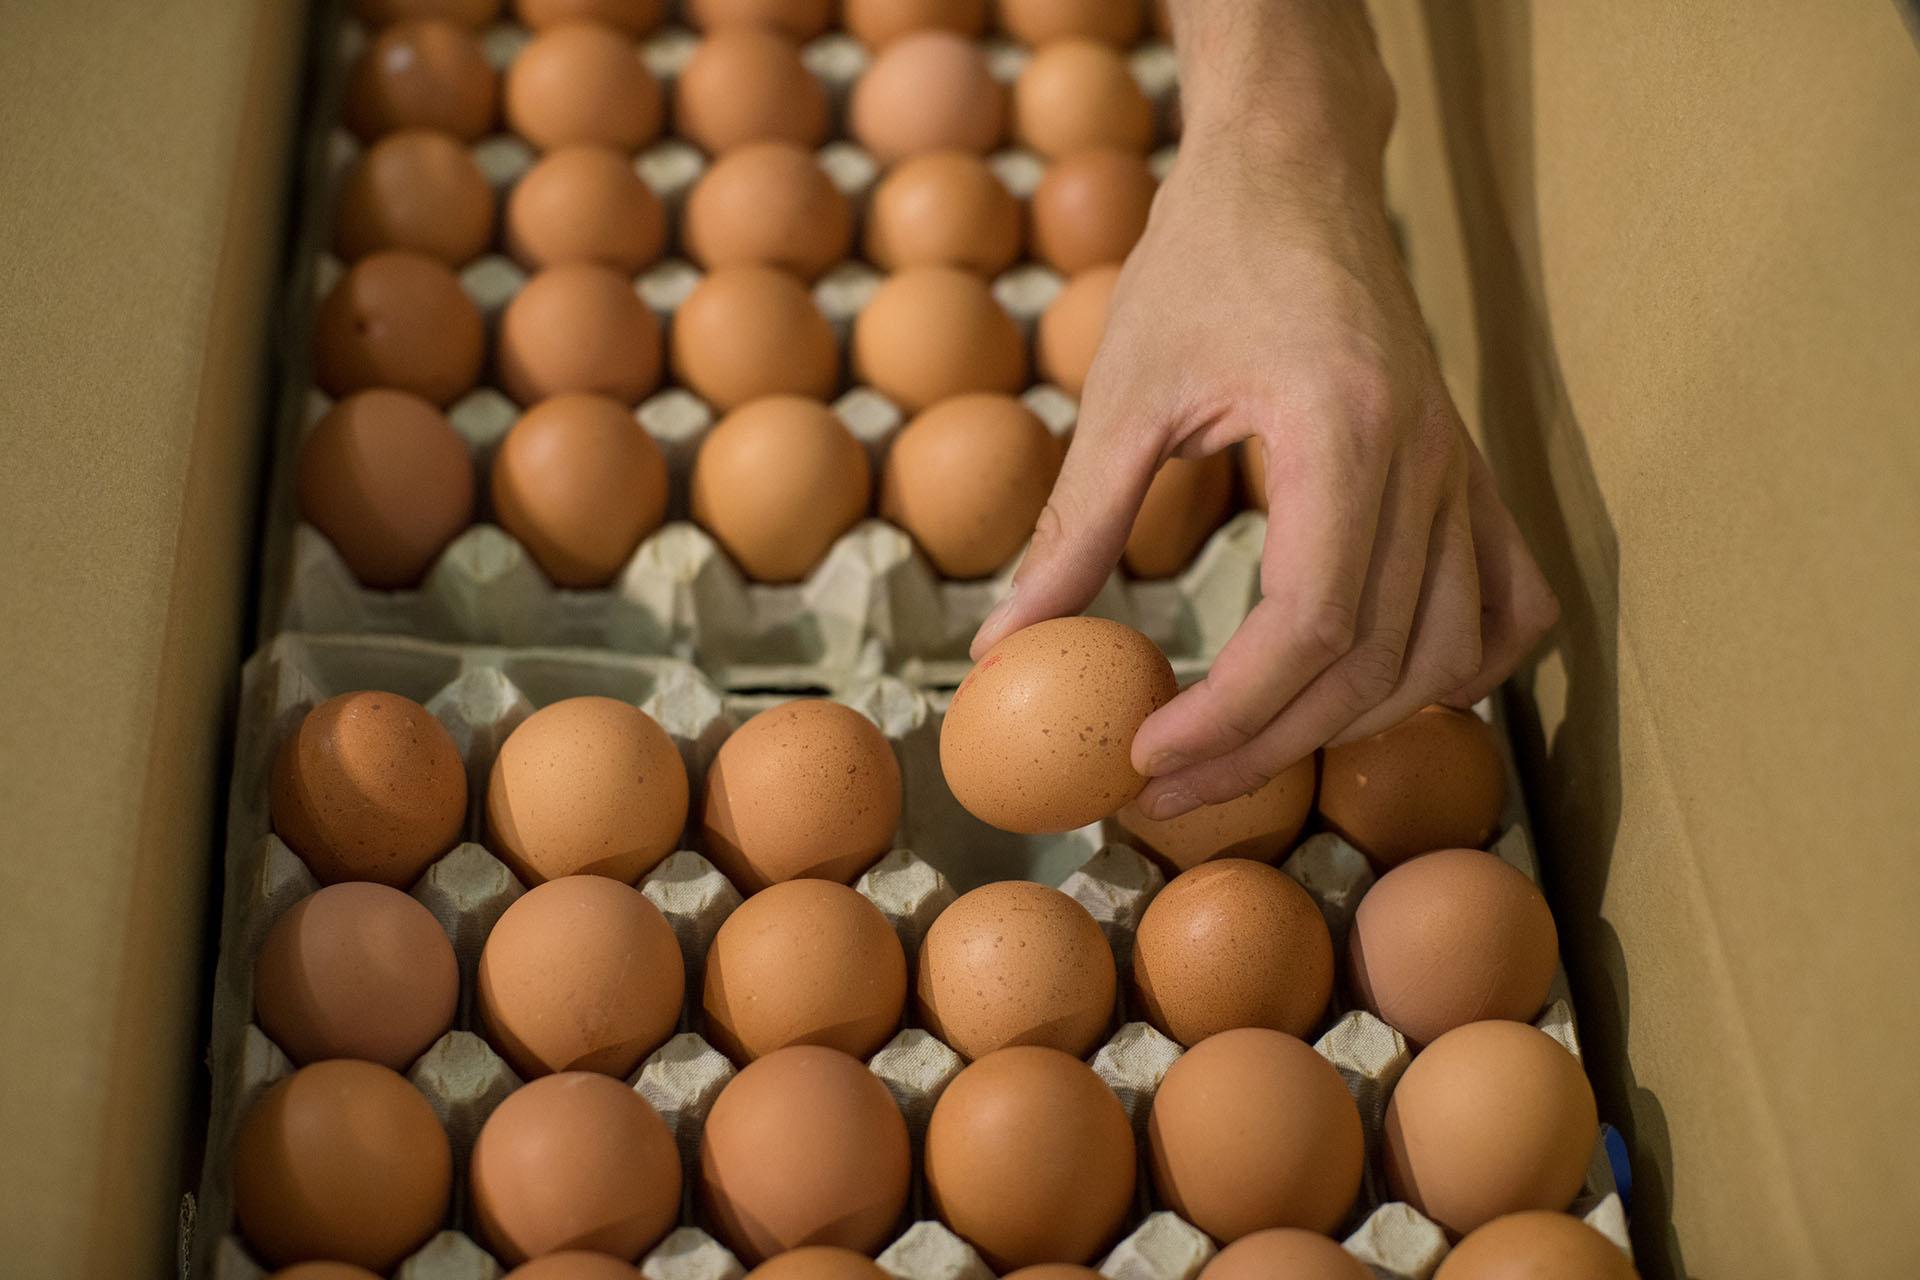 Tiene mucho valor nutritivo pero, en exceso, el huevoafectael corazón. (Jasper Juinen/Bloomberg)